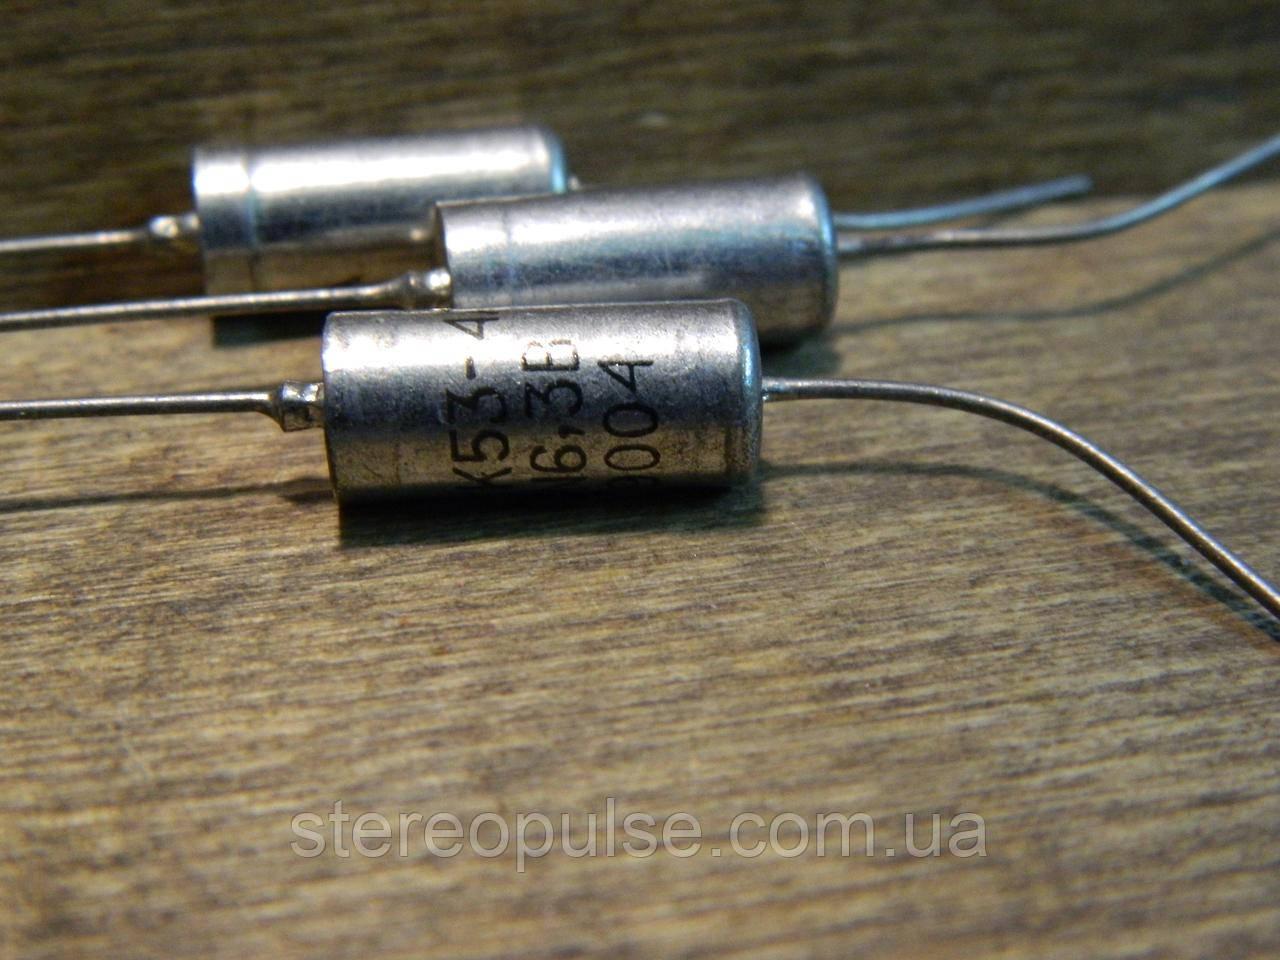 Конденсатор К53 - 4А 68мкФ - 6.3 В 90год